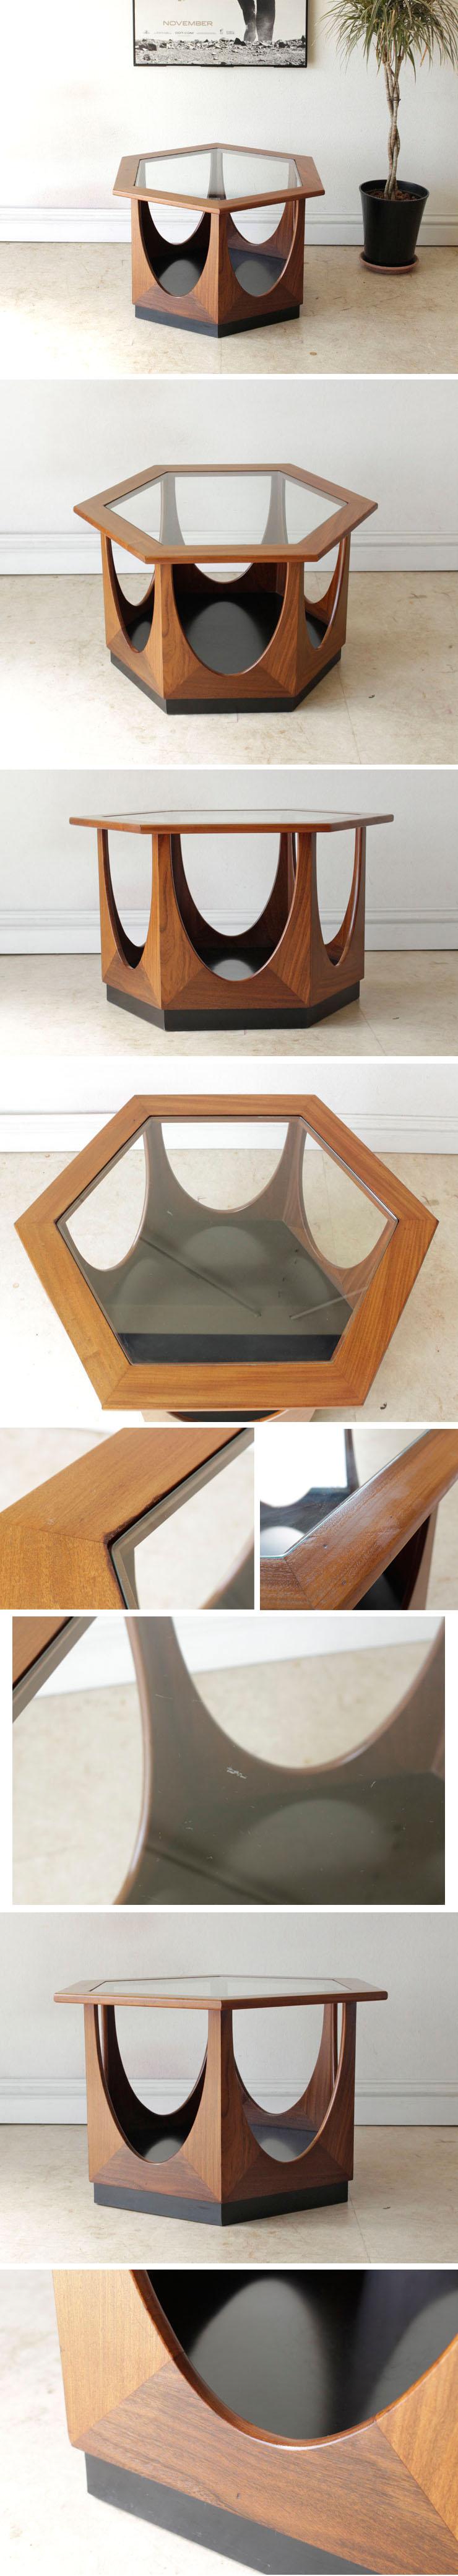 イギリス・コーヒーテーブル・センターテーブル・ジープラン・チーク・ガラス・ビンテージ・アンティーク・ミッドセンチュリー